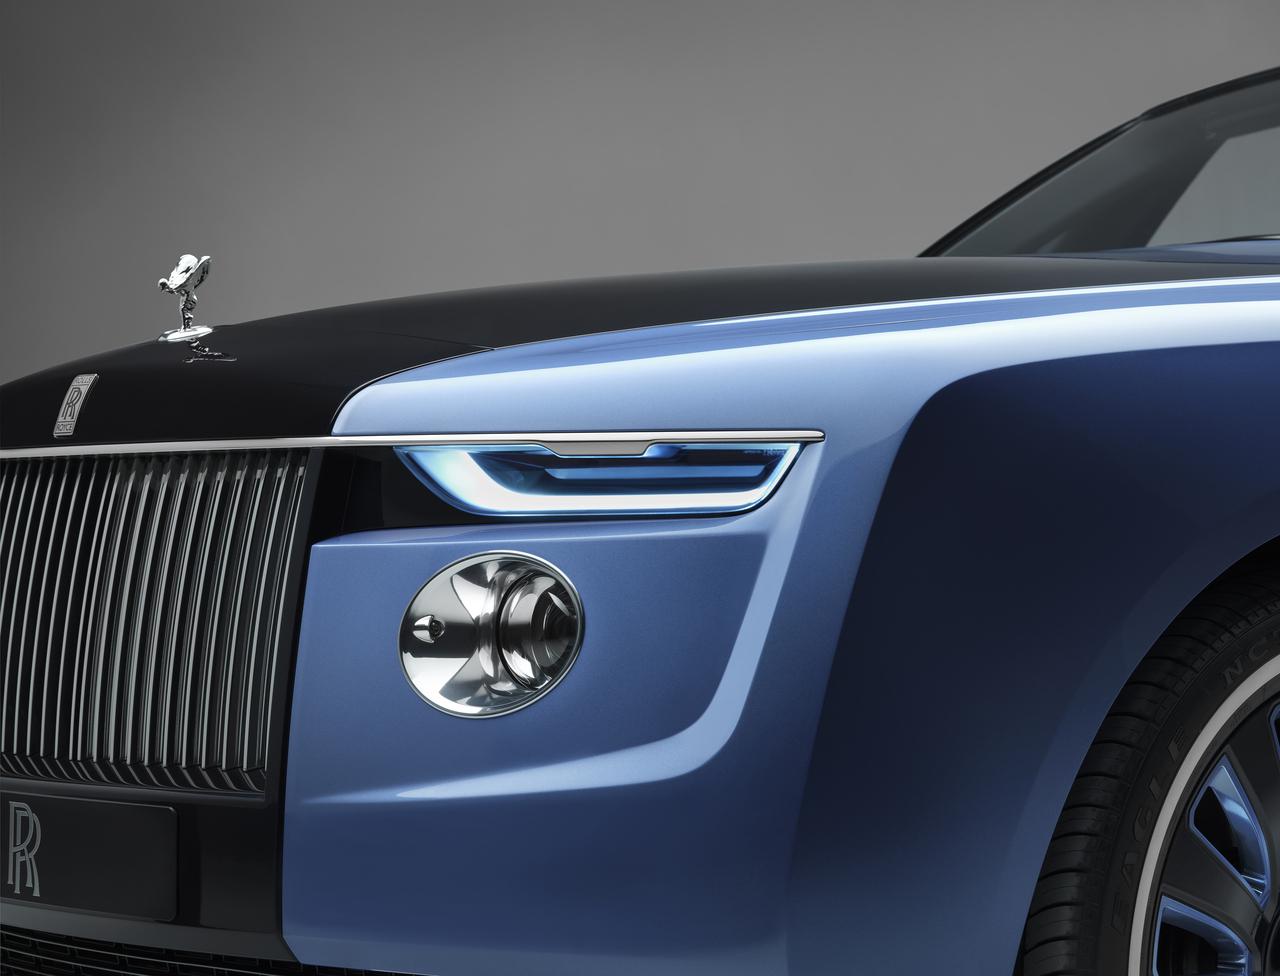 رونمایی رولزرویس از گرانقیمت ترین خودرو جهان